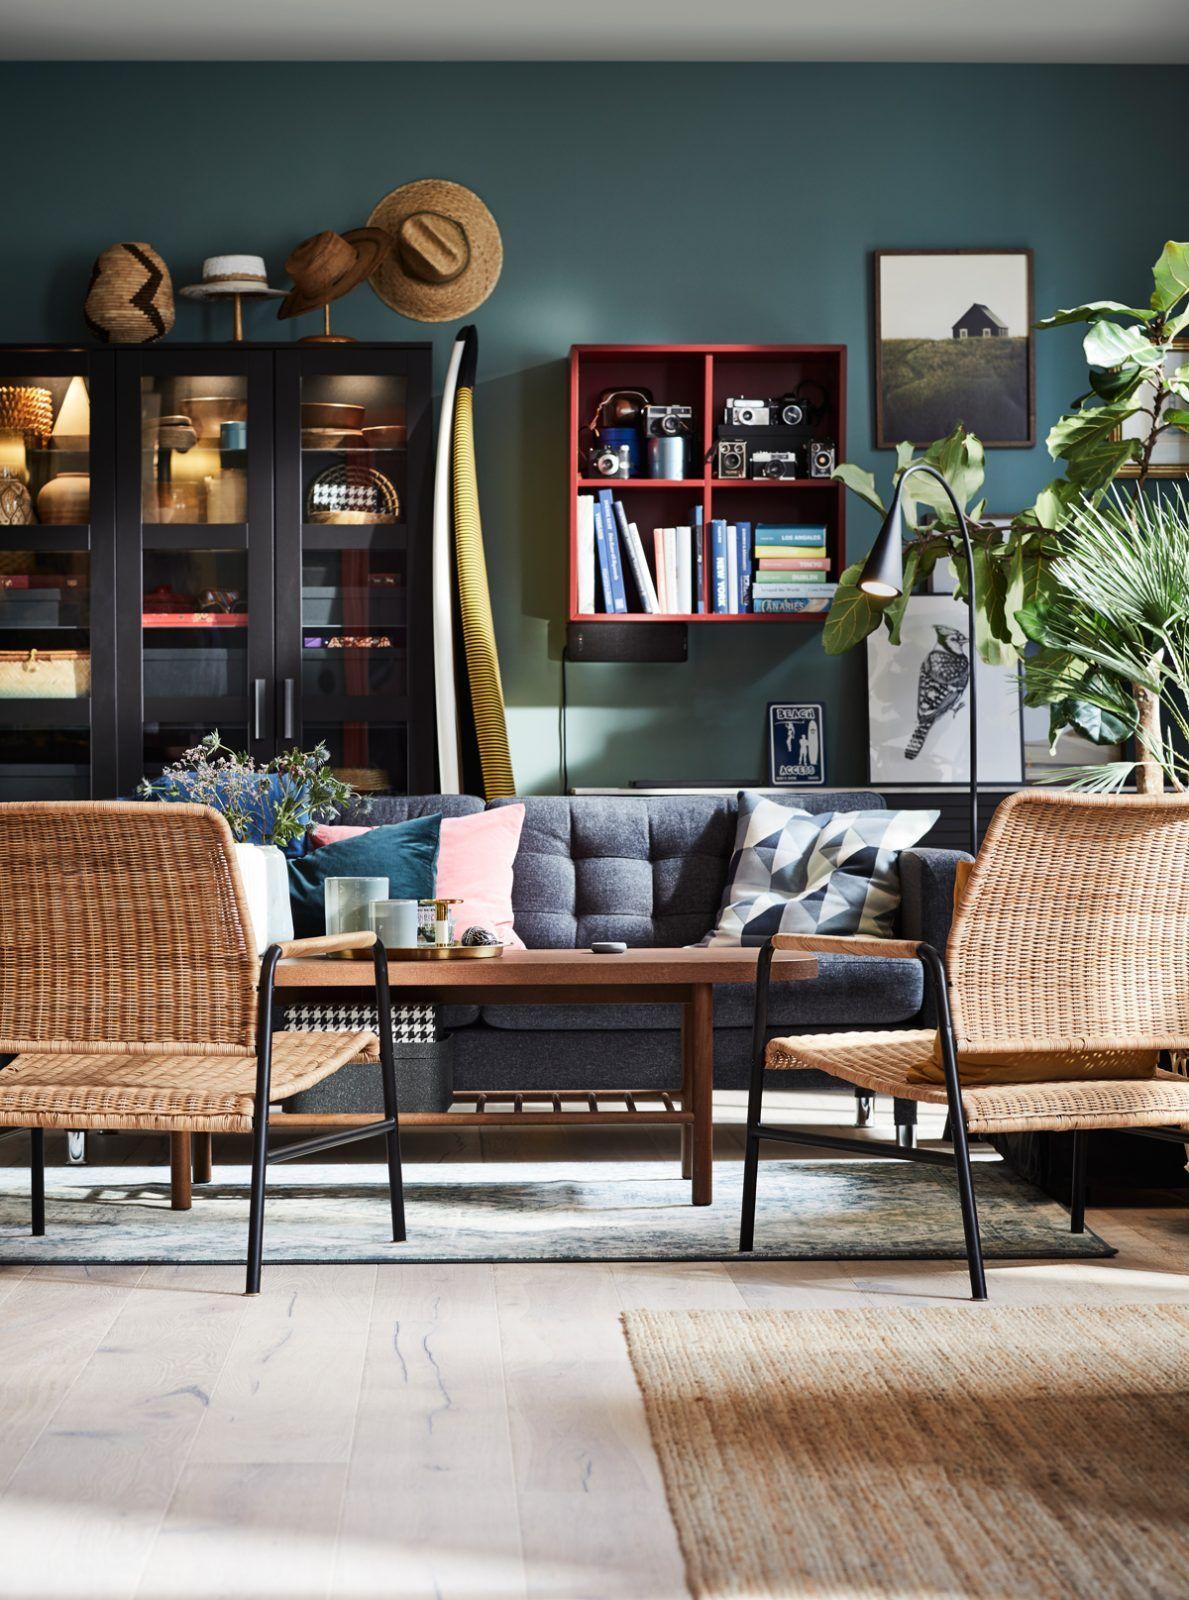 Le Nouveau Catalogue IKEA 2020 Va Nous Endormir 💤 (With